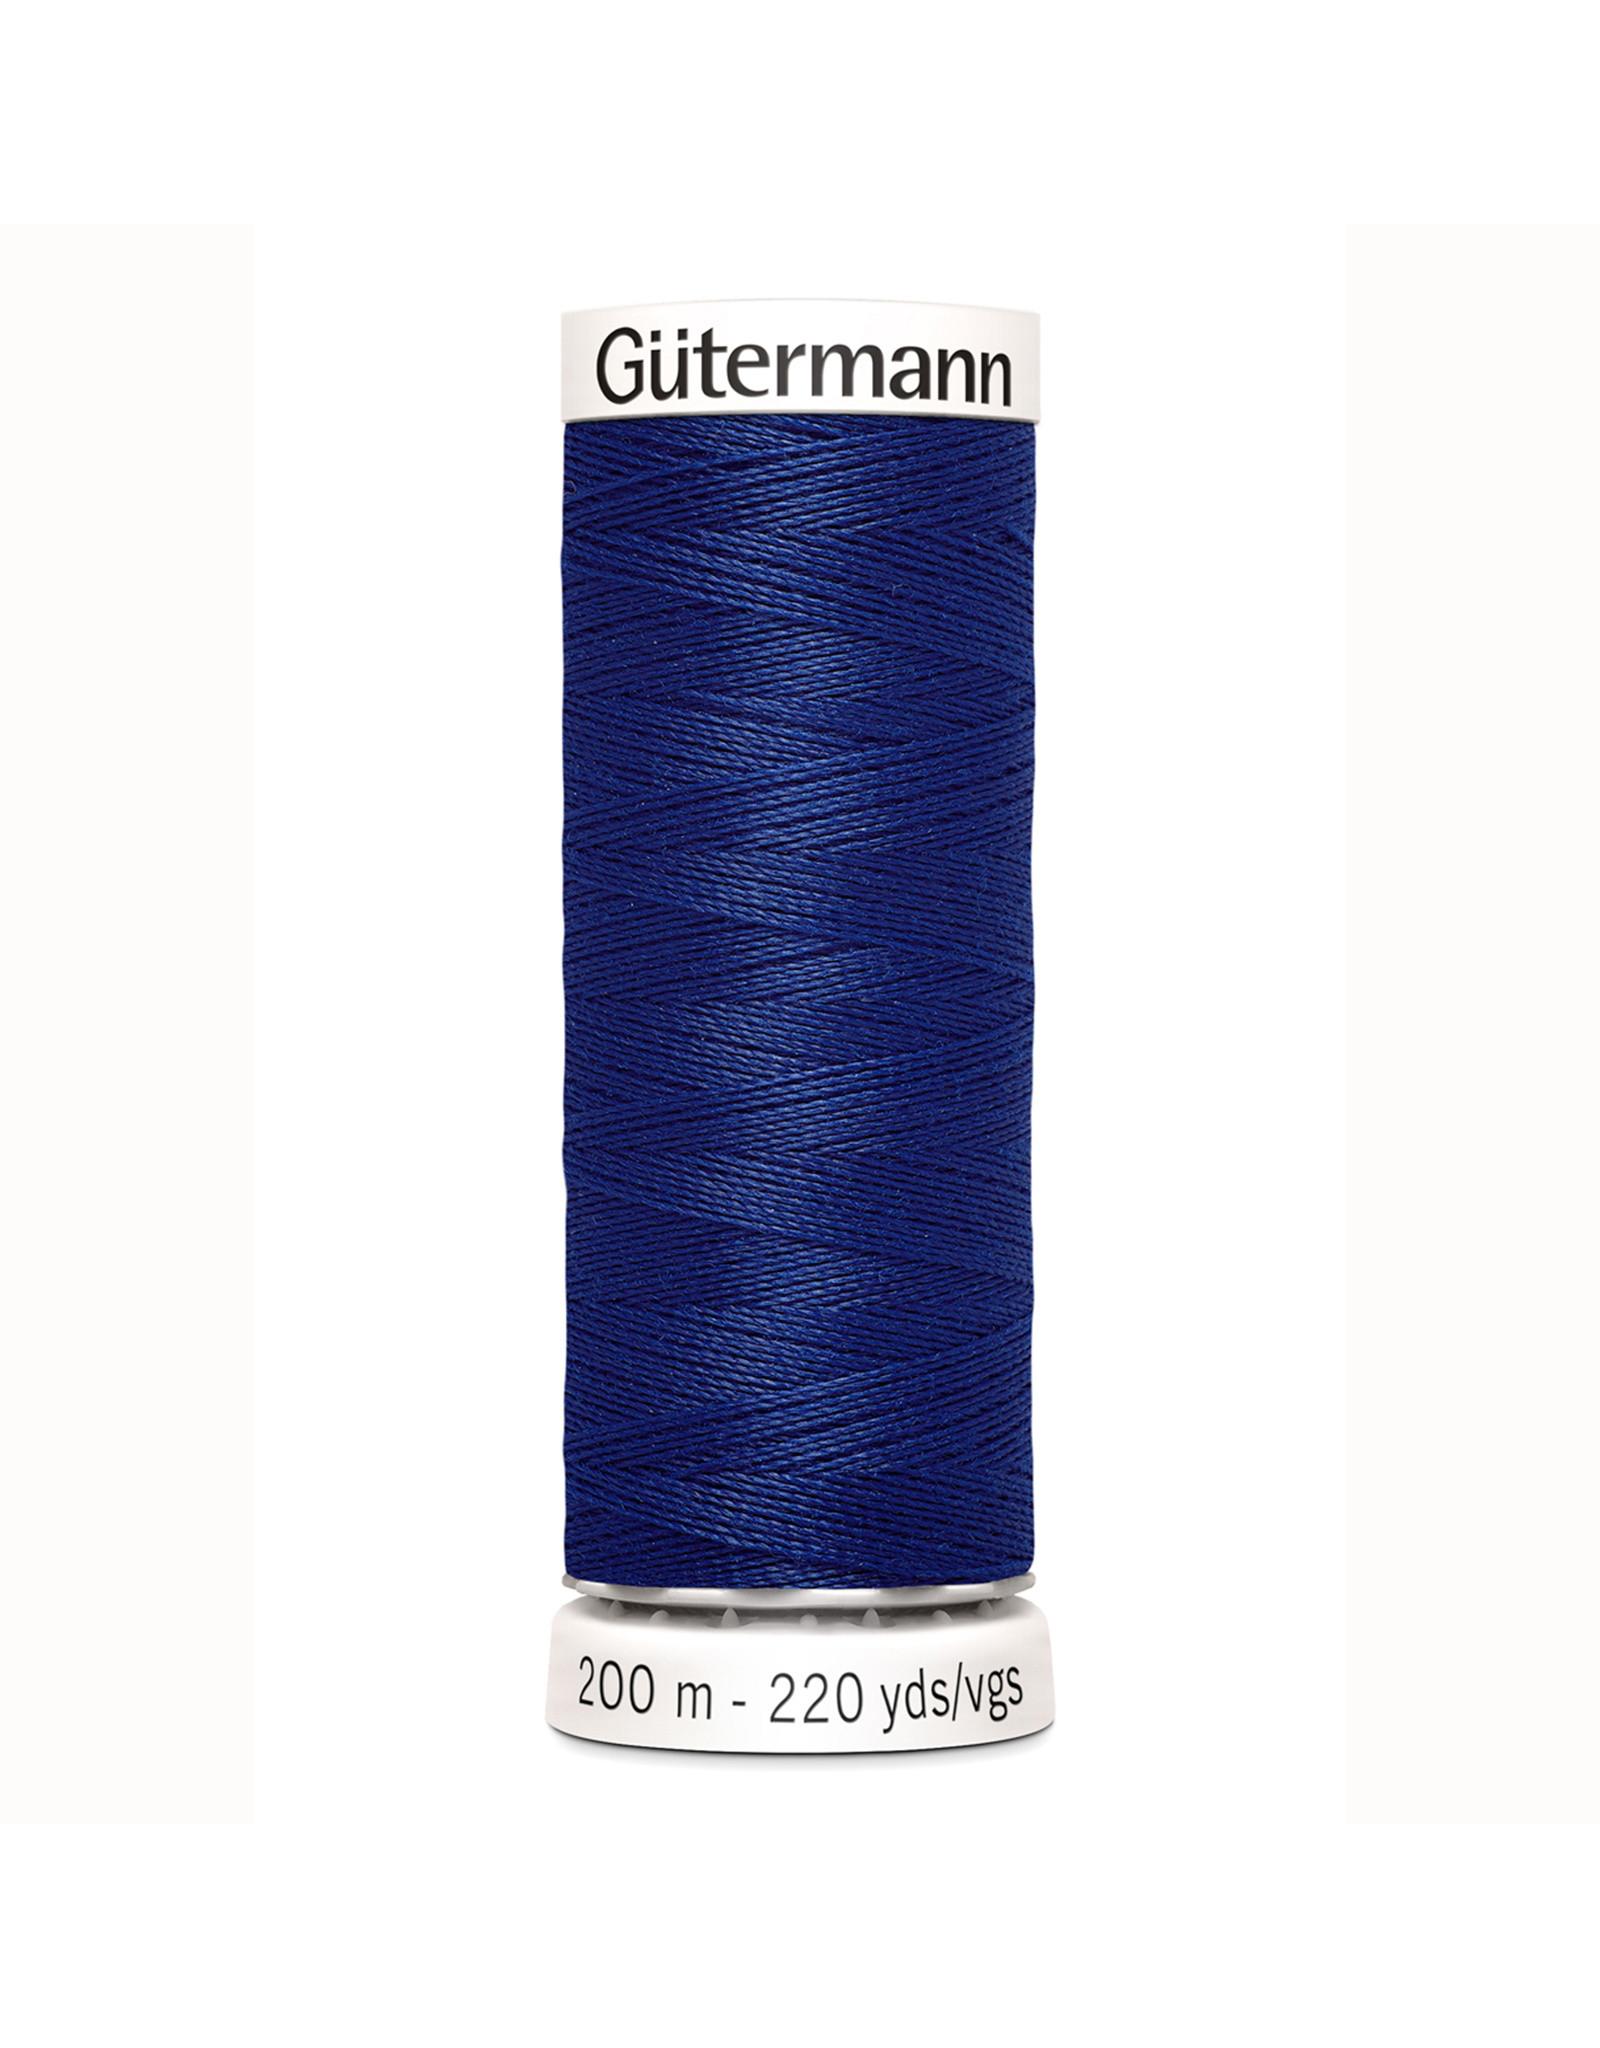 Gütermann Gütermann Nähgarn 200 m - nr 232